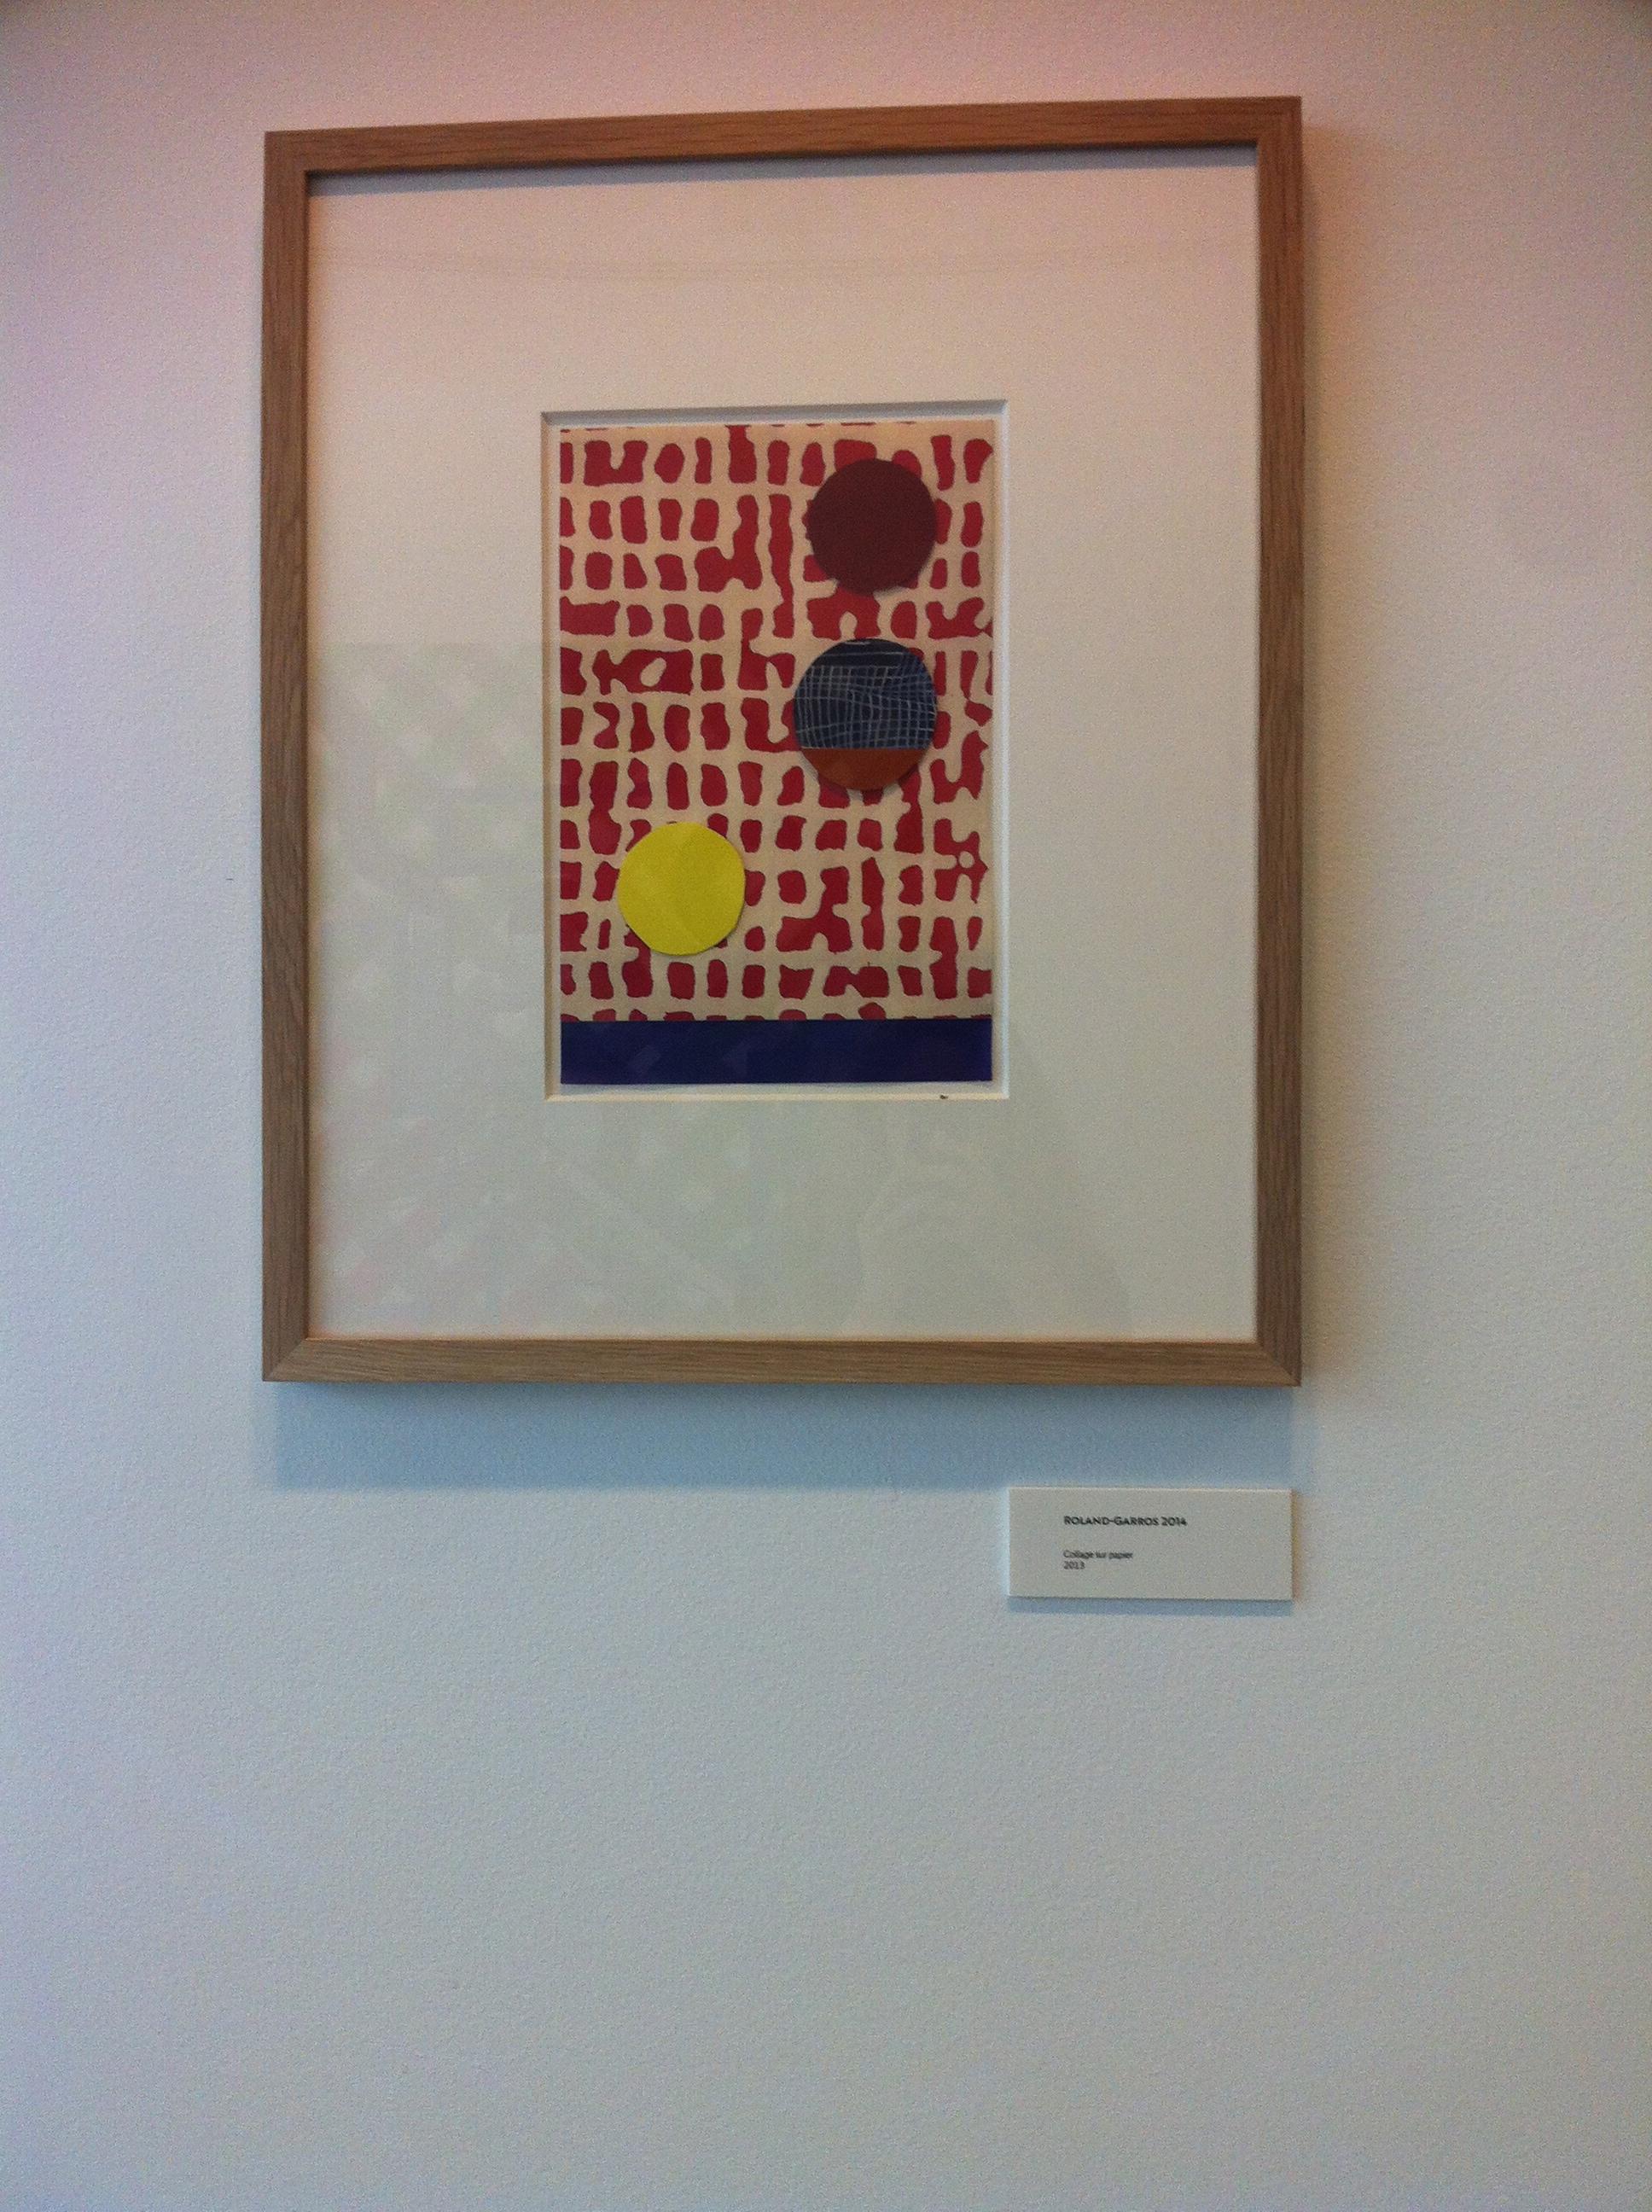 Version officielle avalisée par la FFT. © Joan Miro - Galerie Juan Uslé 2014.